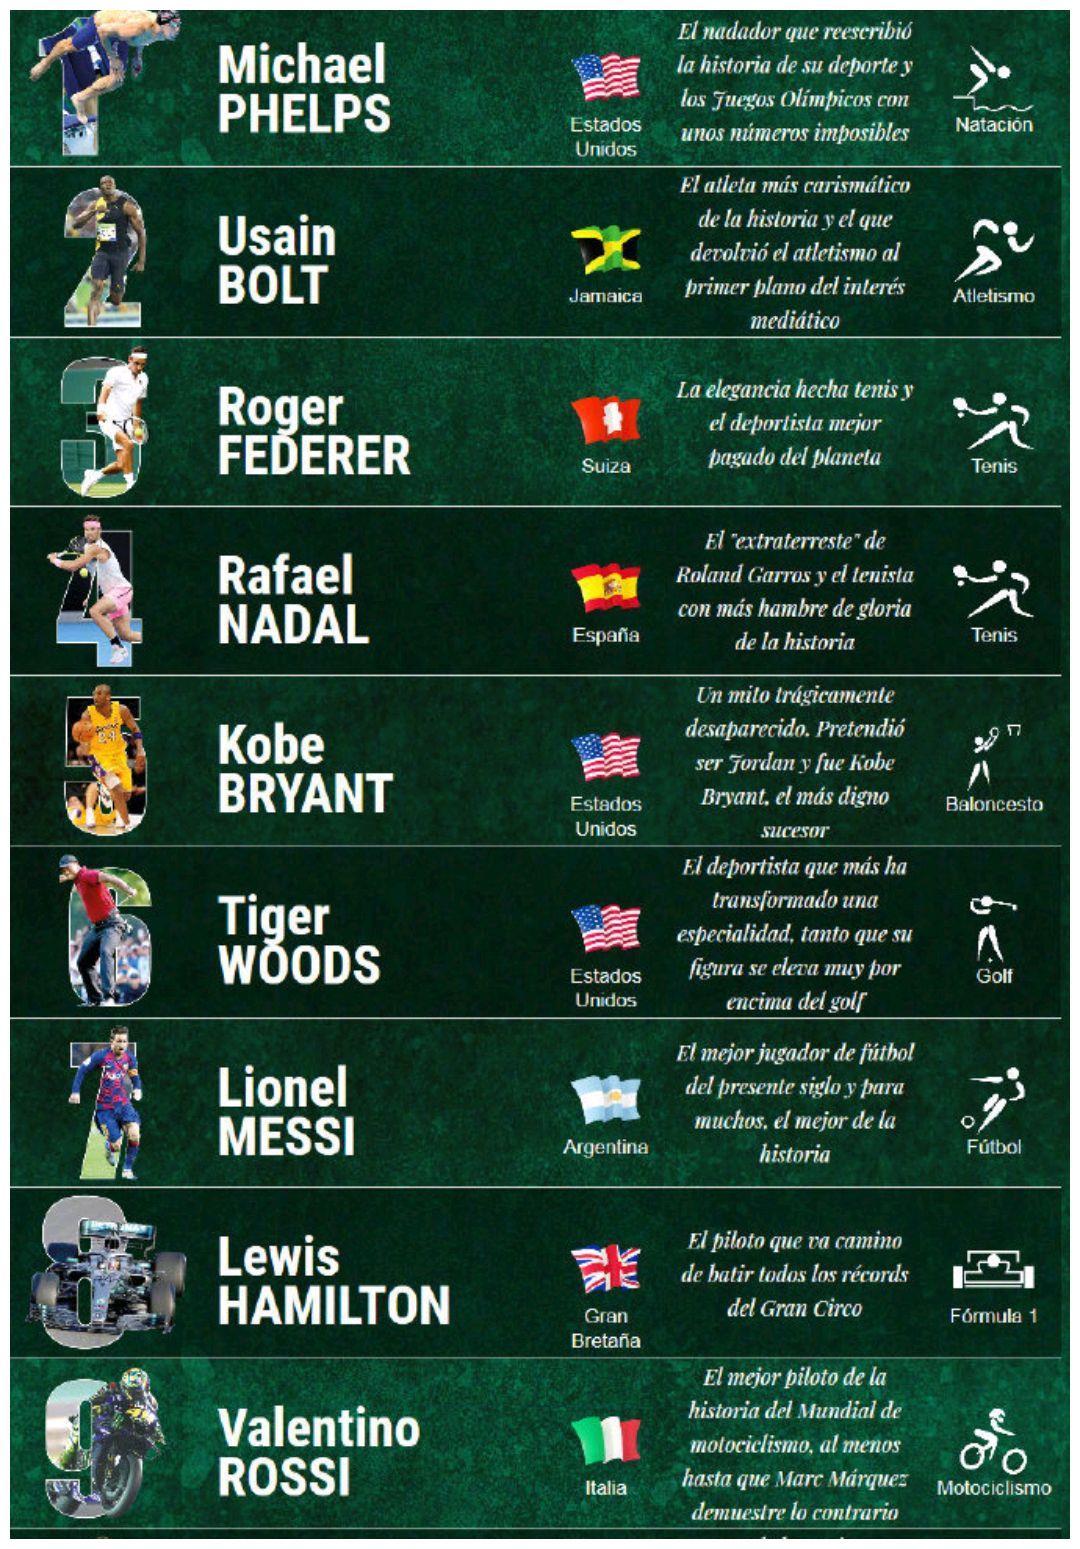 21世纪百佳运动员:科比第5,C罗第10 詹姆斯第15, 中国一人上榜